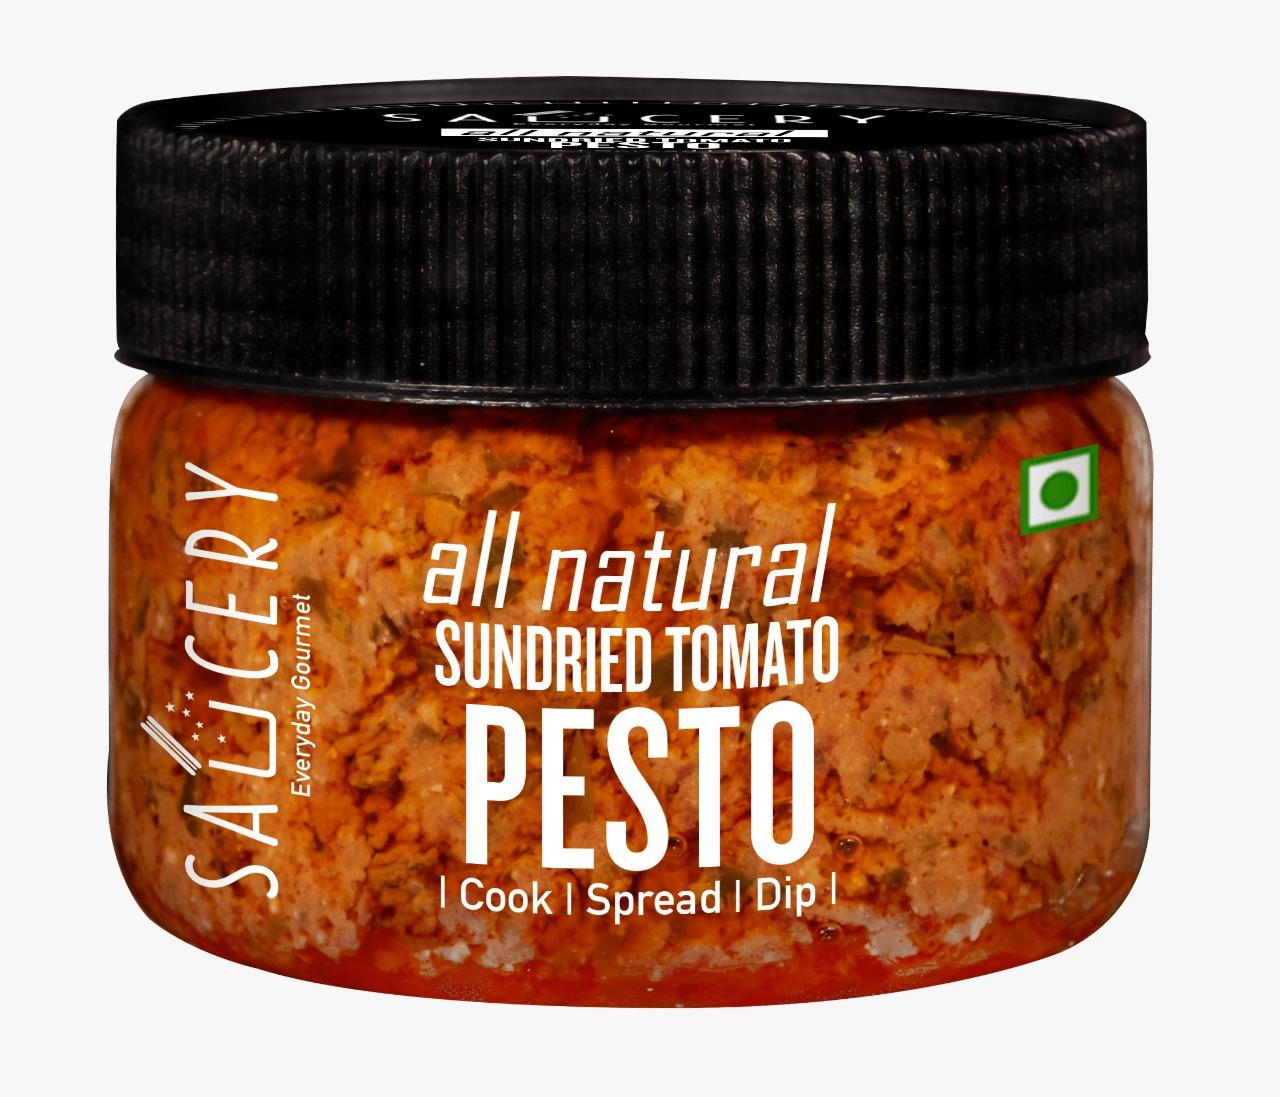 Saucery-Sundried Tomato Pesto